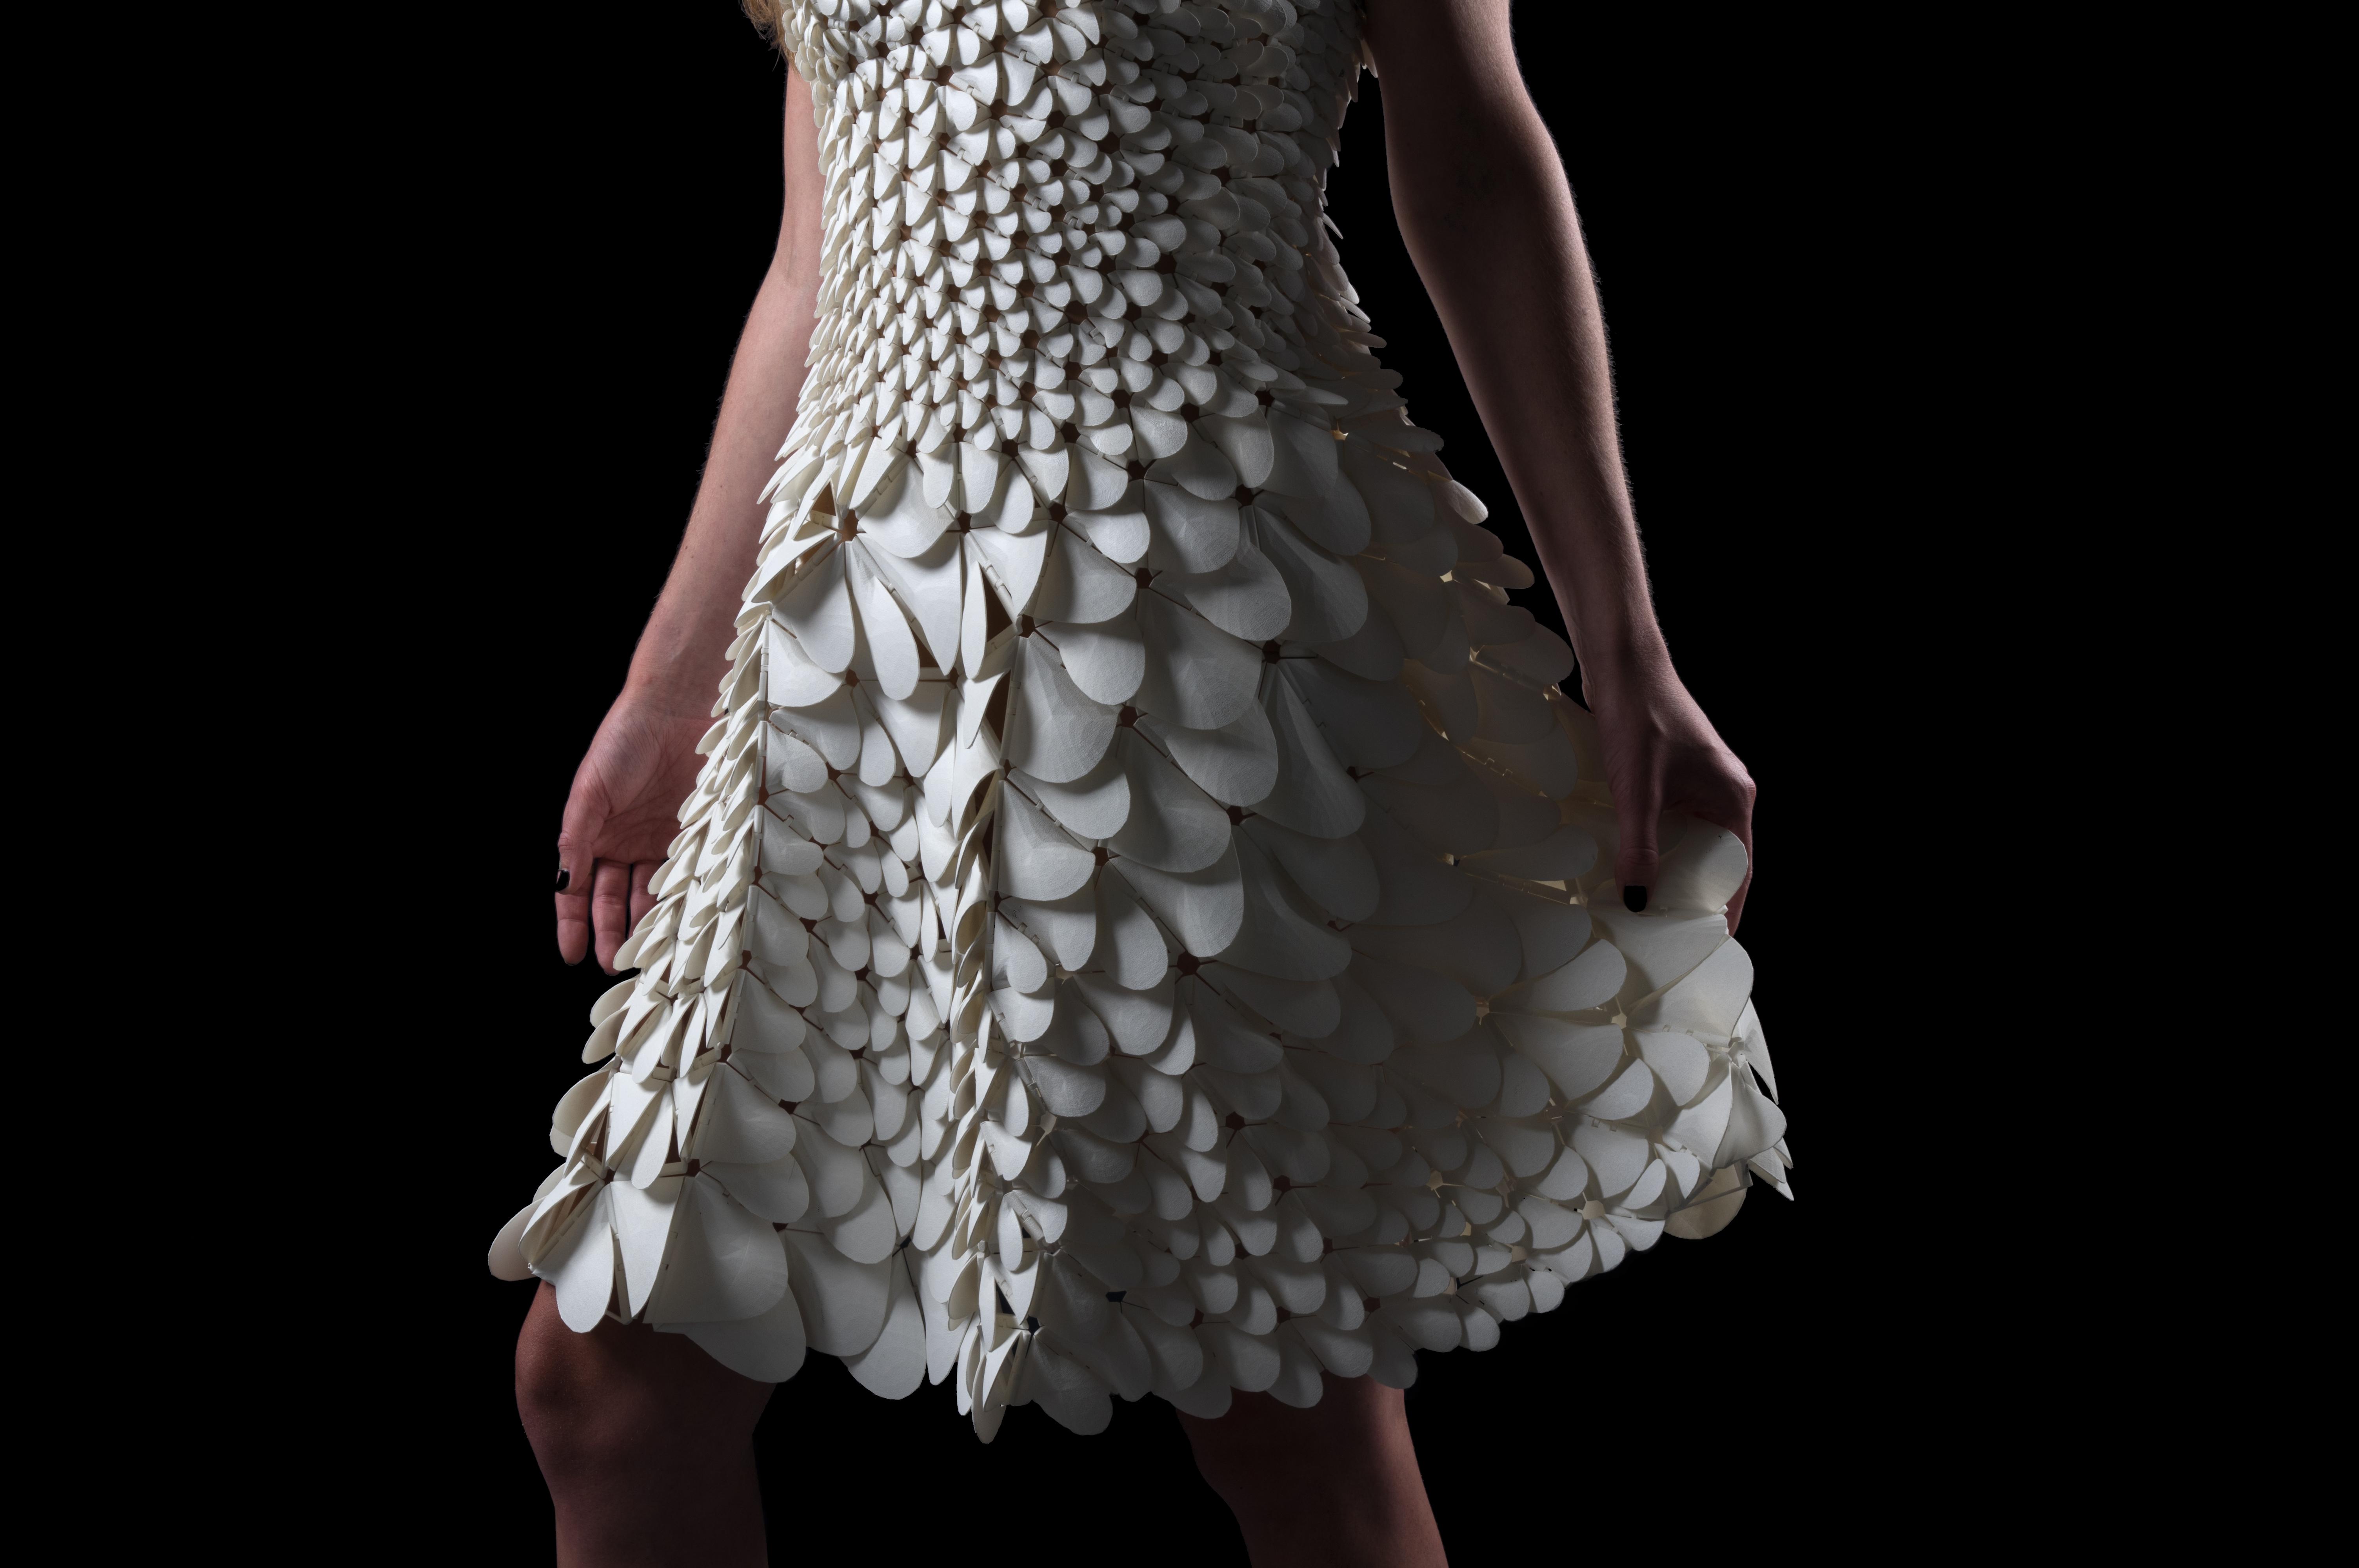 New Kinematics Dresses for Artificiella Ikoner exhibit